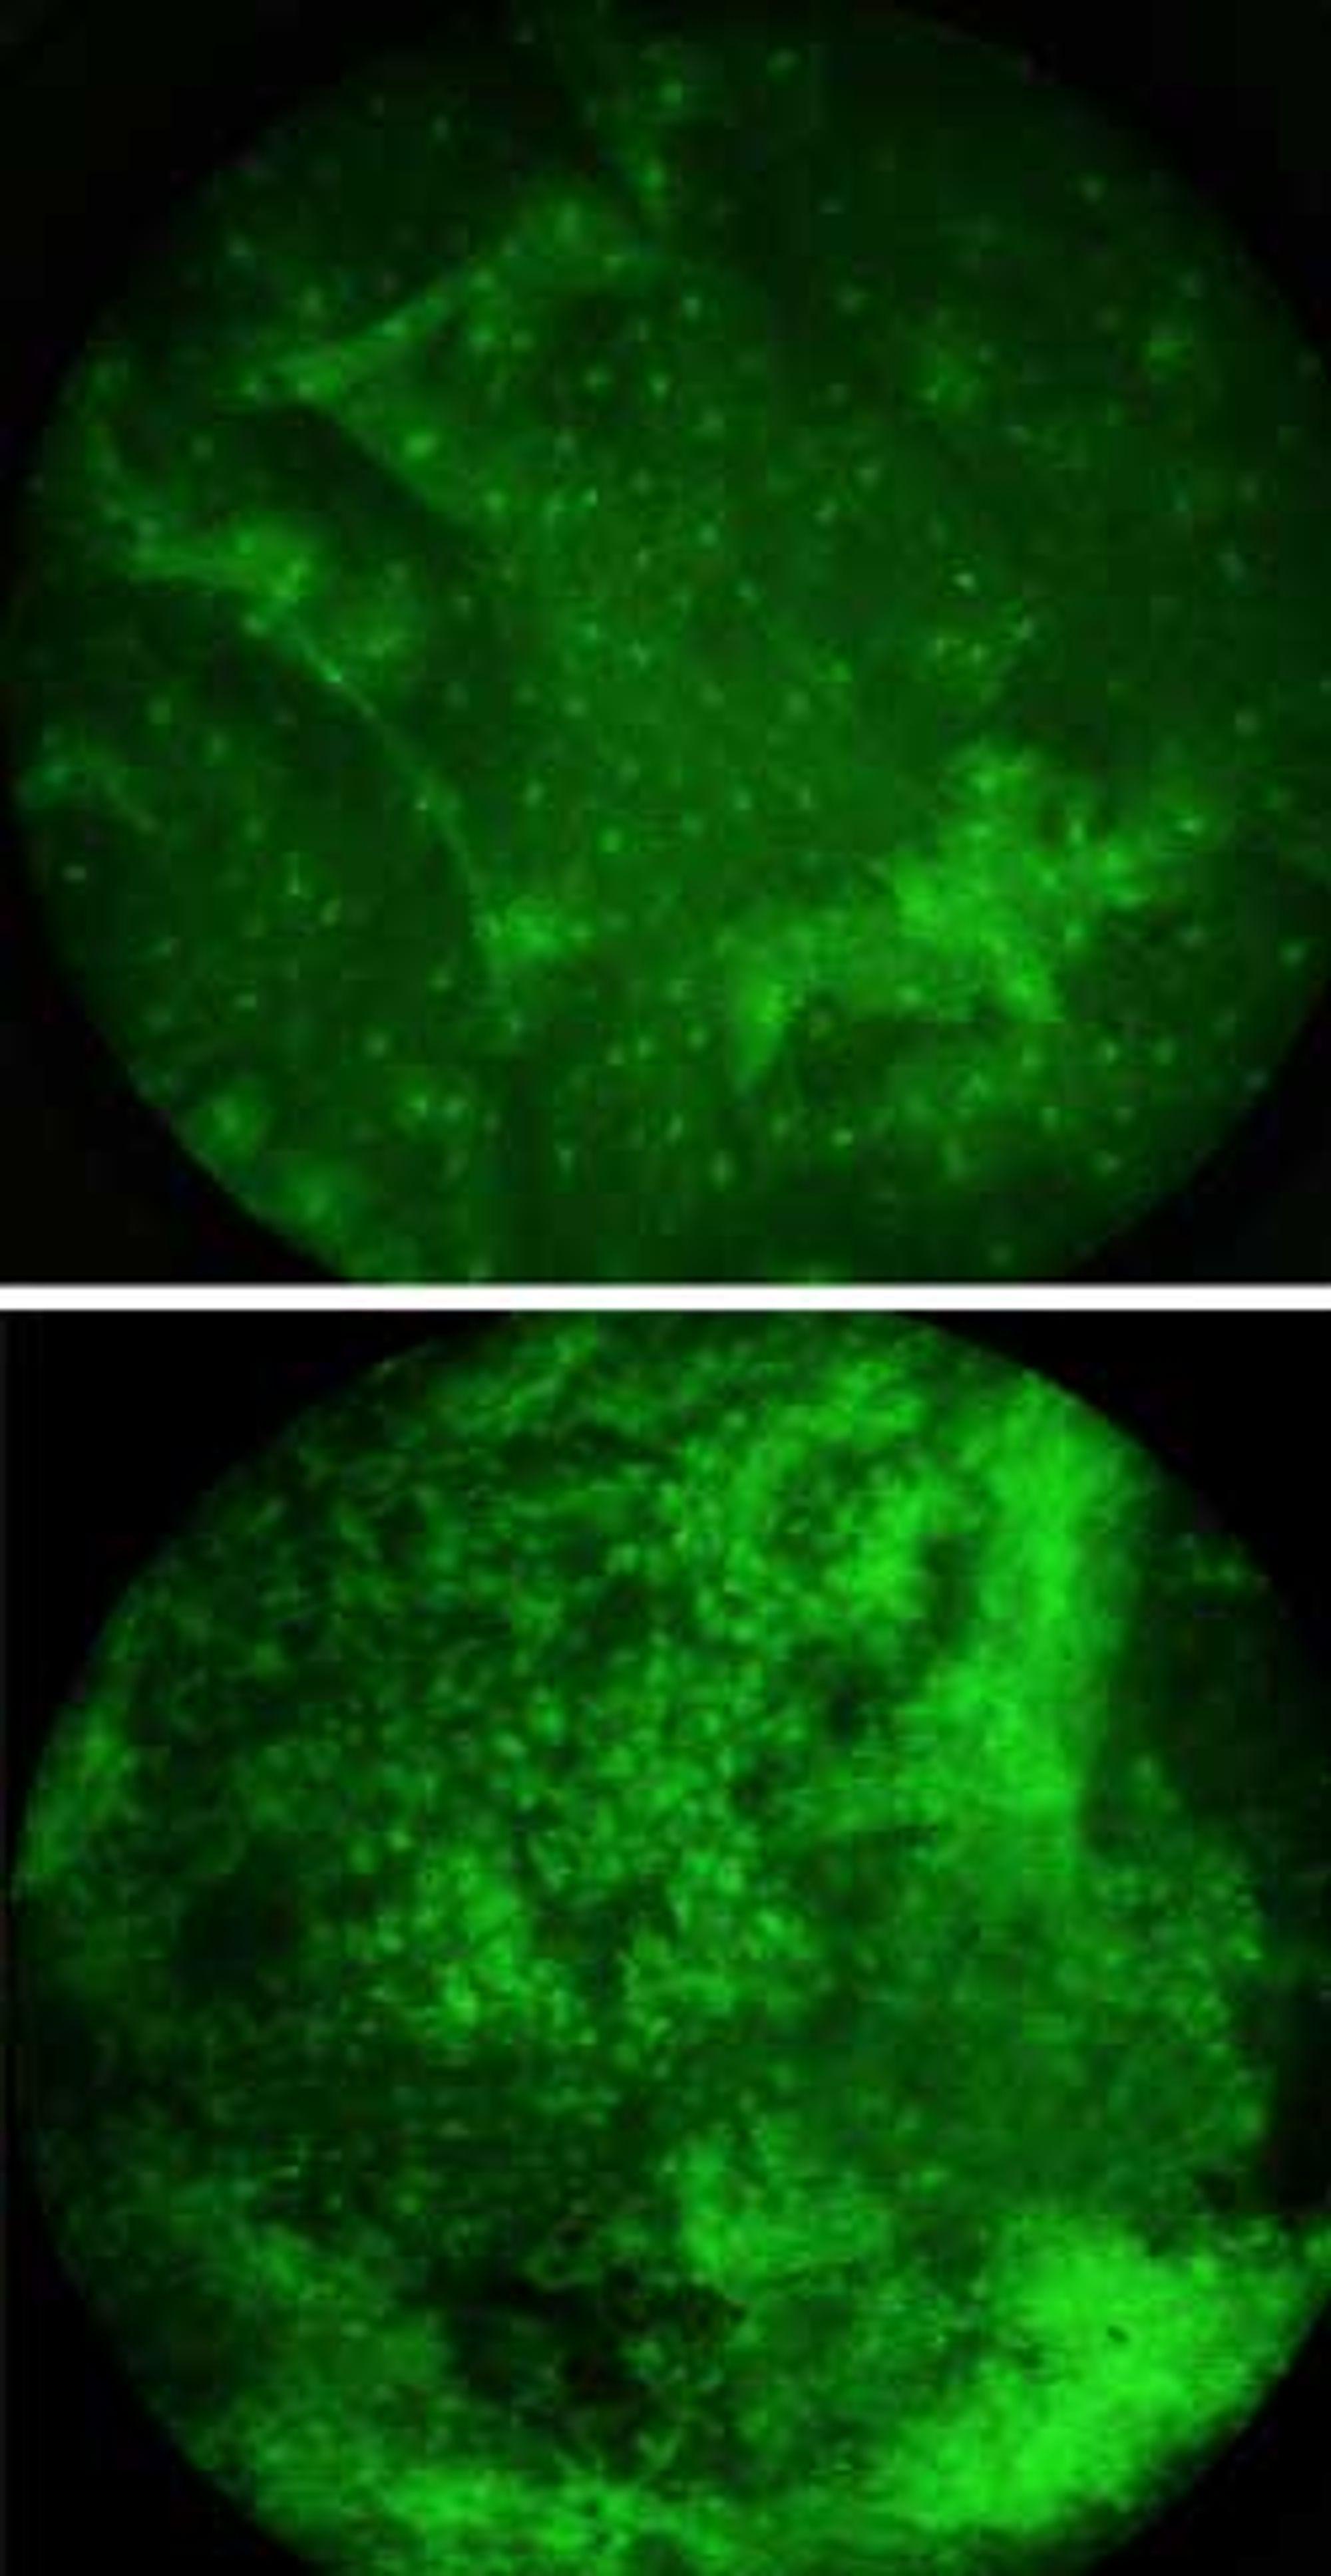 Friske celler sammenliknet med kreftceller